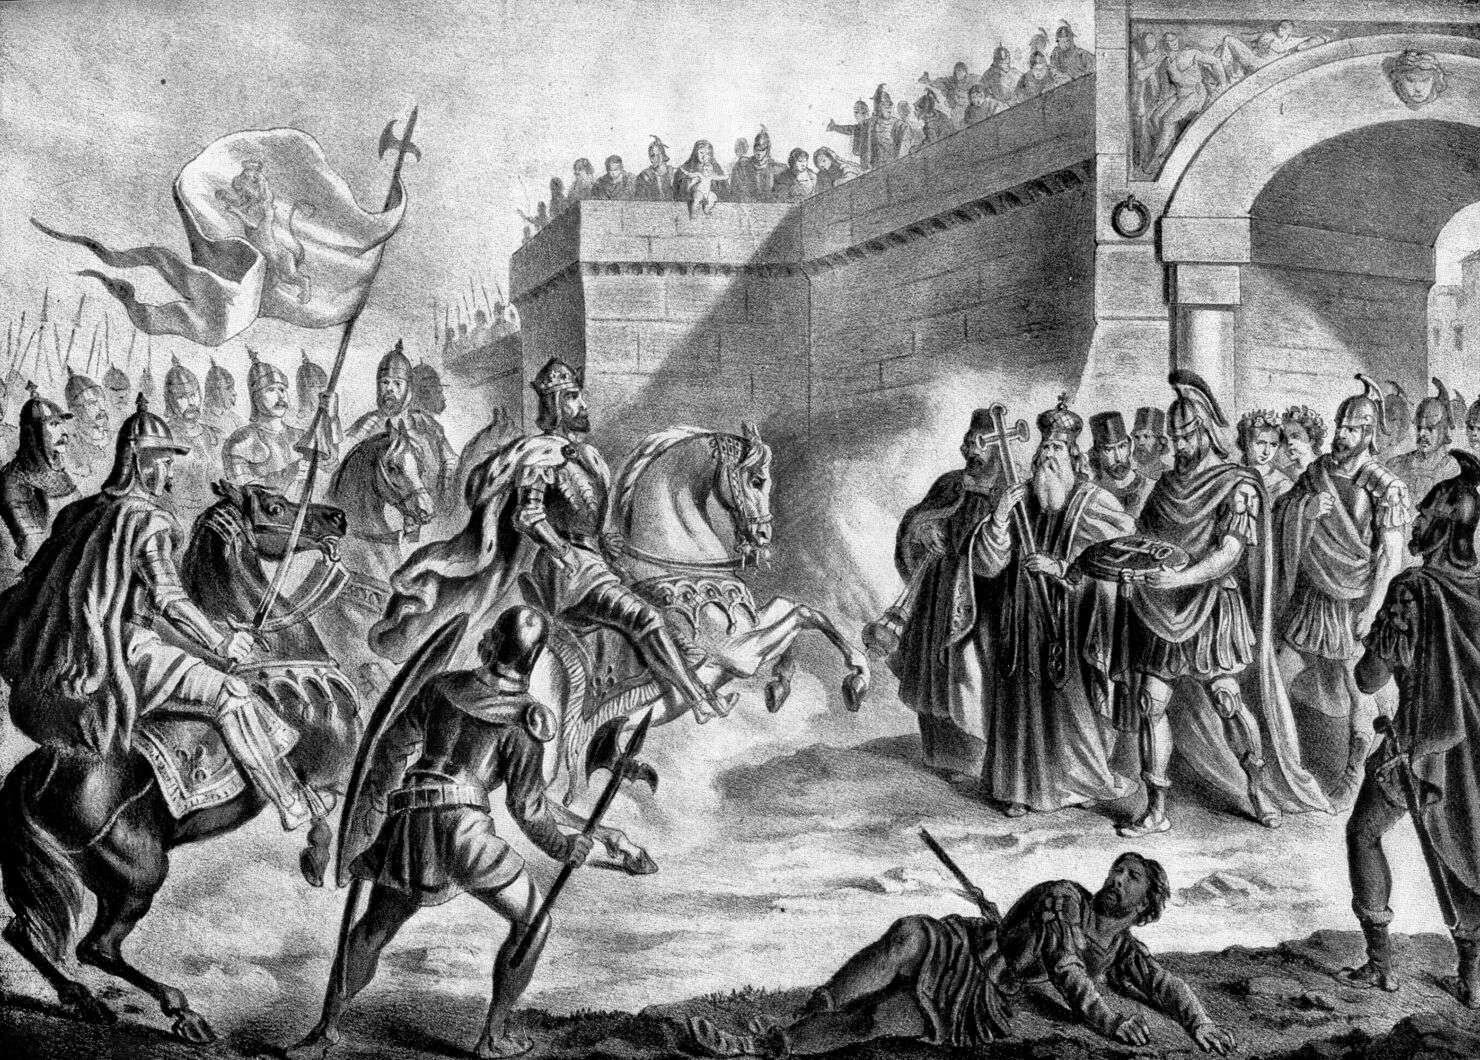 Ο Συμεών Α΄ ο Μέγας (Симео̀н I Велѝки, 864 ή 865 - 27 Μαΐου 927) ήταν τσάρος της Βουλγαρίας από το 893 έως το 927[1], κατά τη διάρκεια της Πρώτης Βουλγαρικής Αυτοκρατορίας.